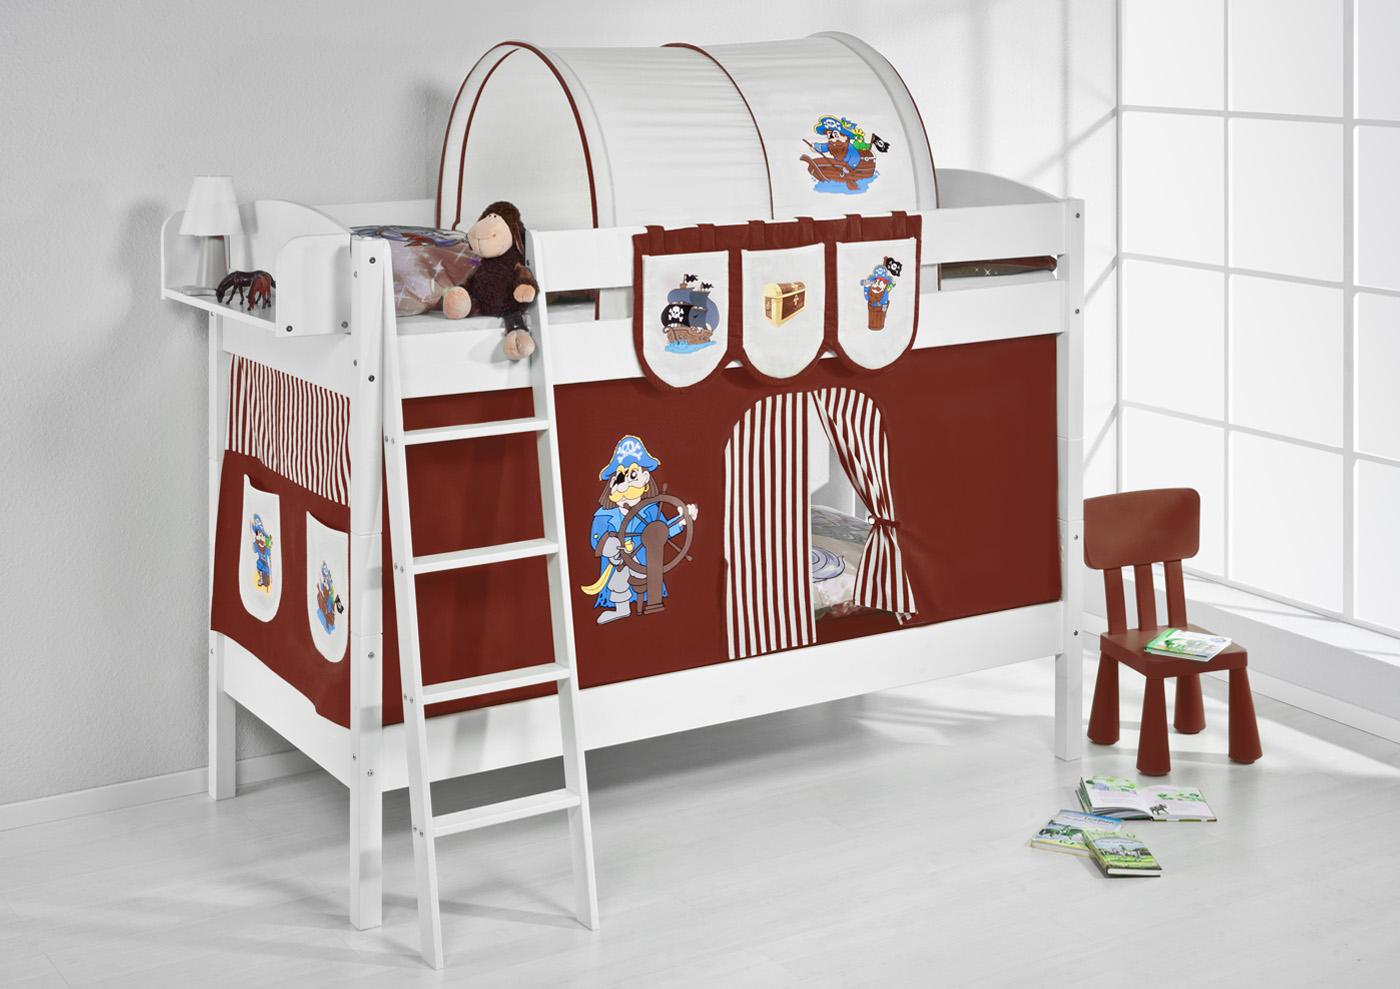 Etagenbett Weiß Für Kinder : Etagenbett hochbett kinder bett aus massiver kiefer ida weiß